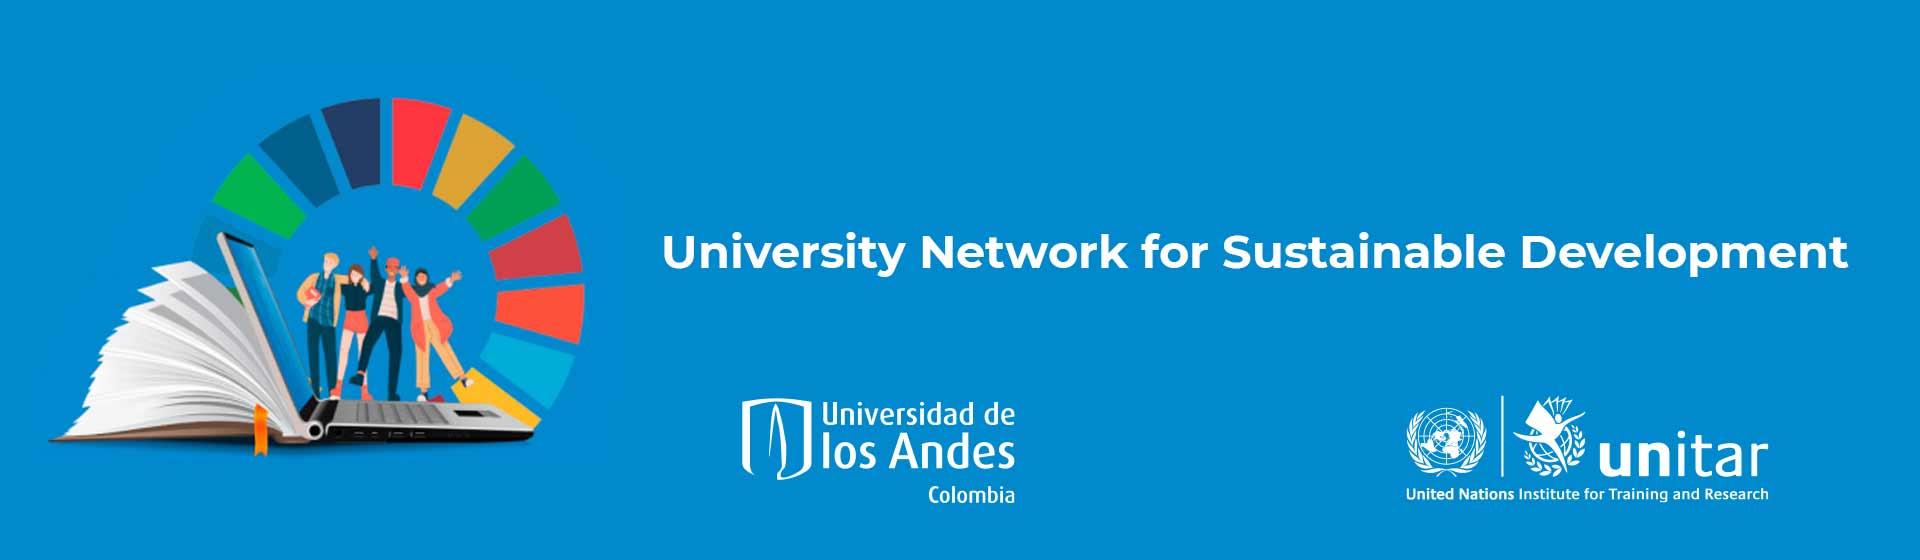 Uniandes parte de la Red Universitaria para el Desarrollo Sostenible   Unitar